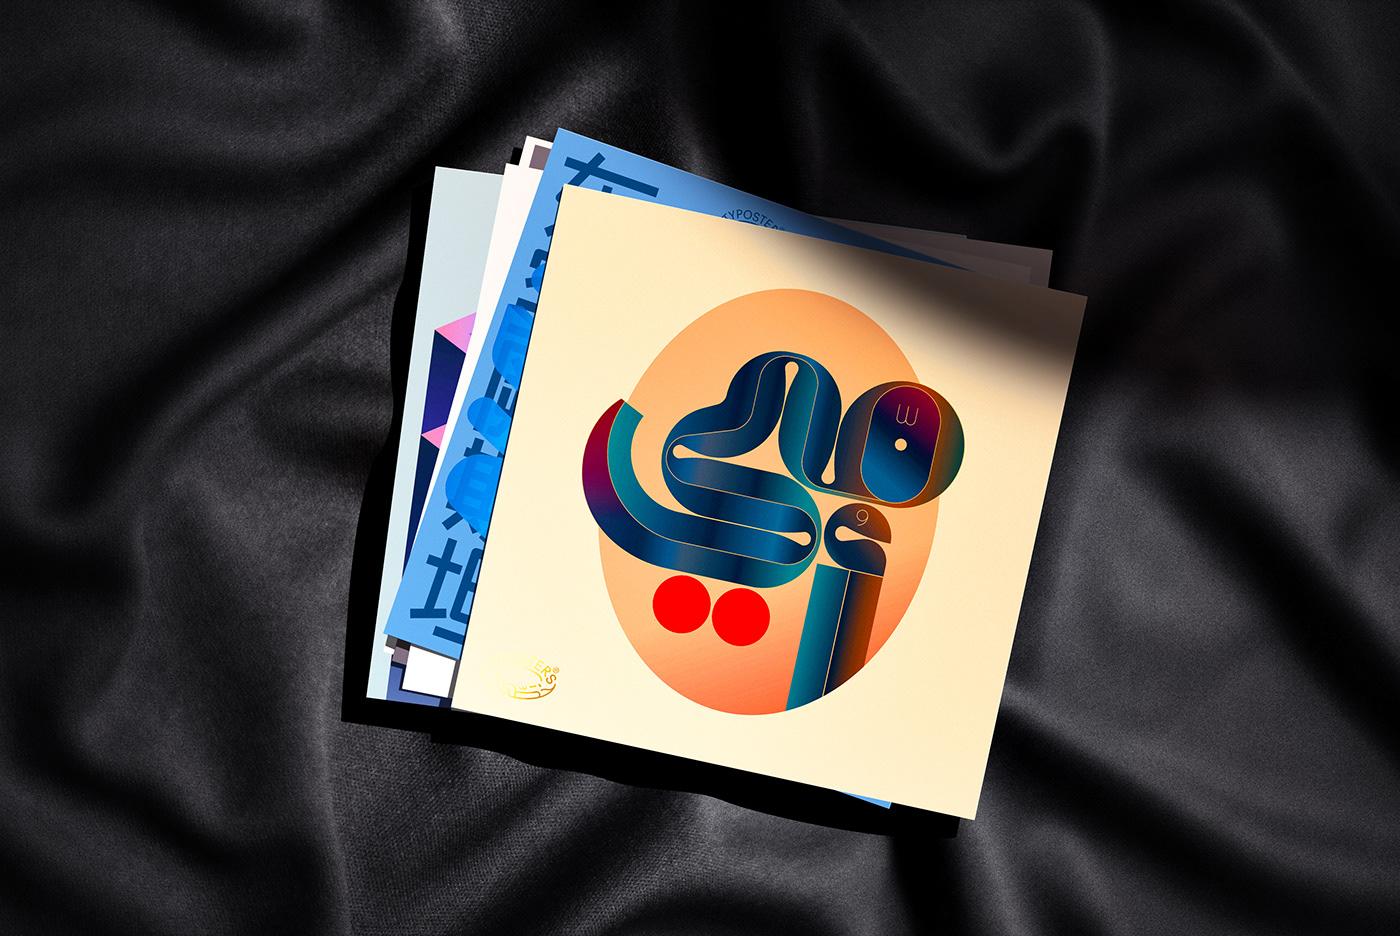 تایپوگرافی هنری، طراحی گرافیک فرانسه